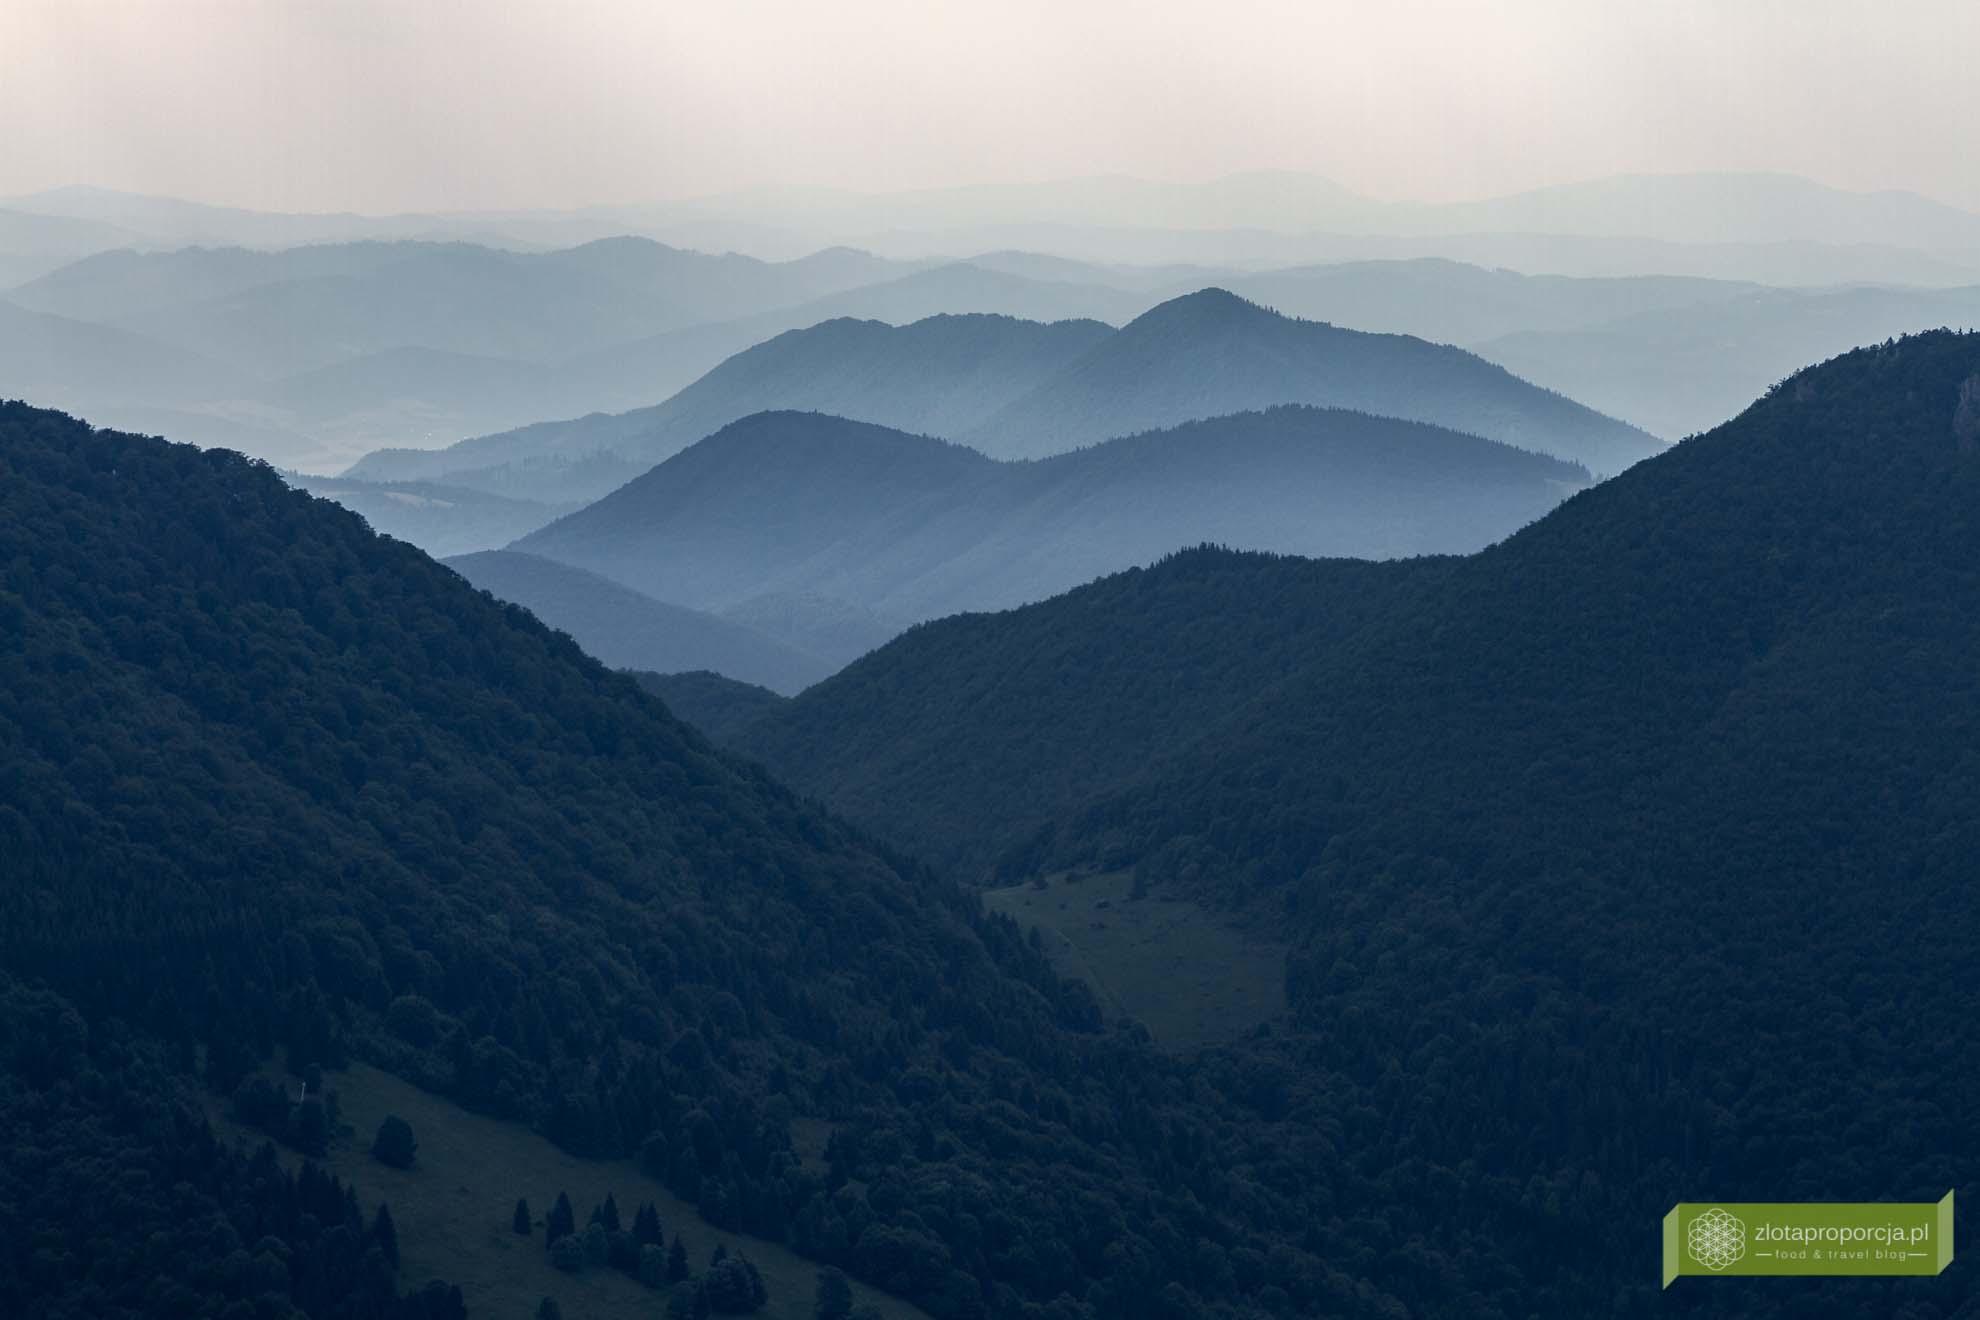 Mała Fatra; Słowacja; Słowackie Góry; atrakcje Małej Fatry; Mała Fatra przewodnik; Mała Fatra wycieczki; Dolina Vratna; Chleb;